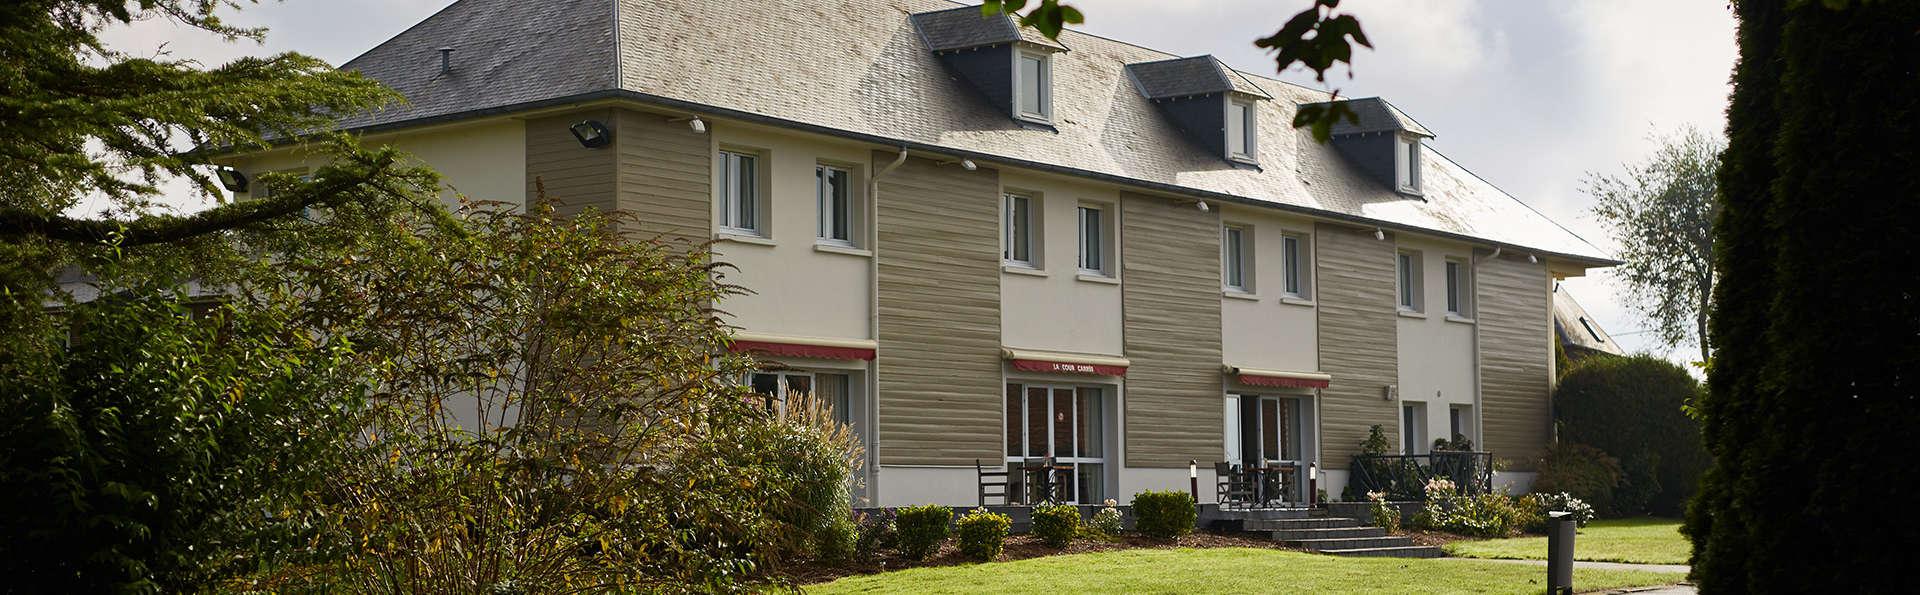 Hotel The Originals Le Tréport Sud La Cour Carrée (ex Inter-Hotel) - EDIT_front2.jpg